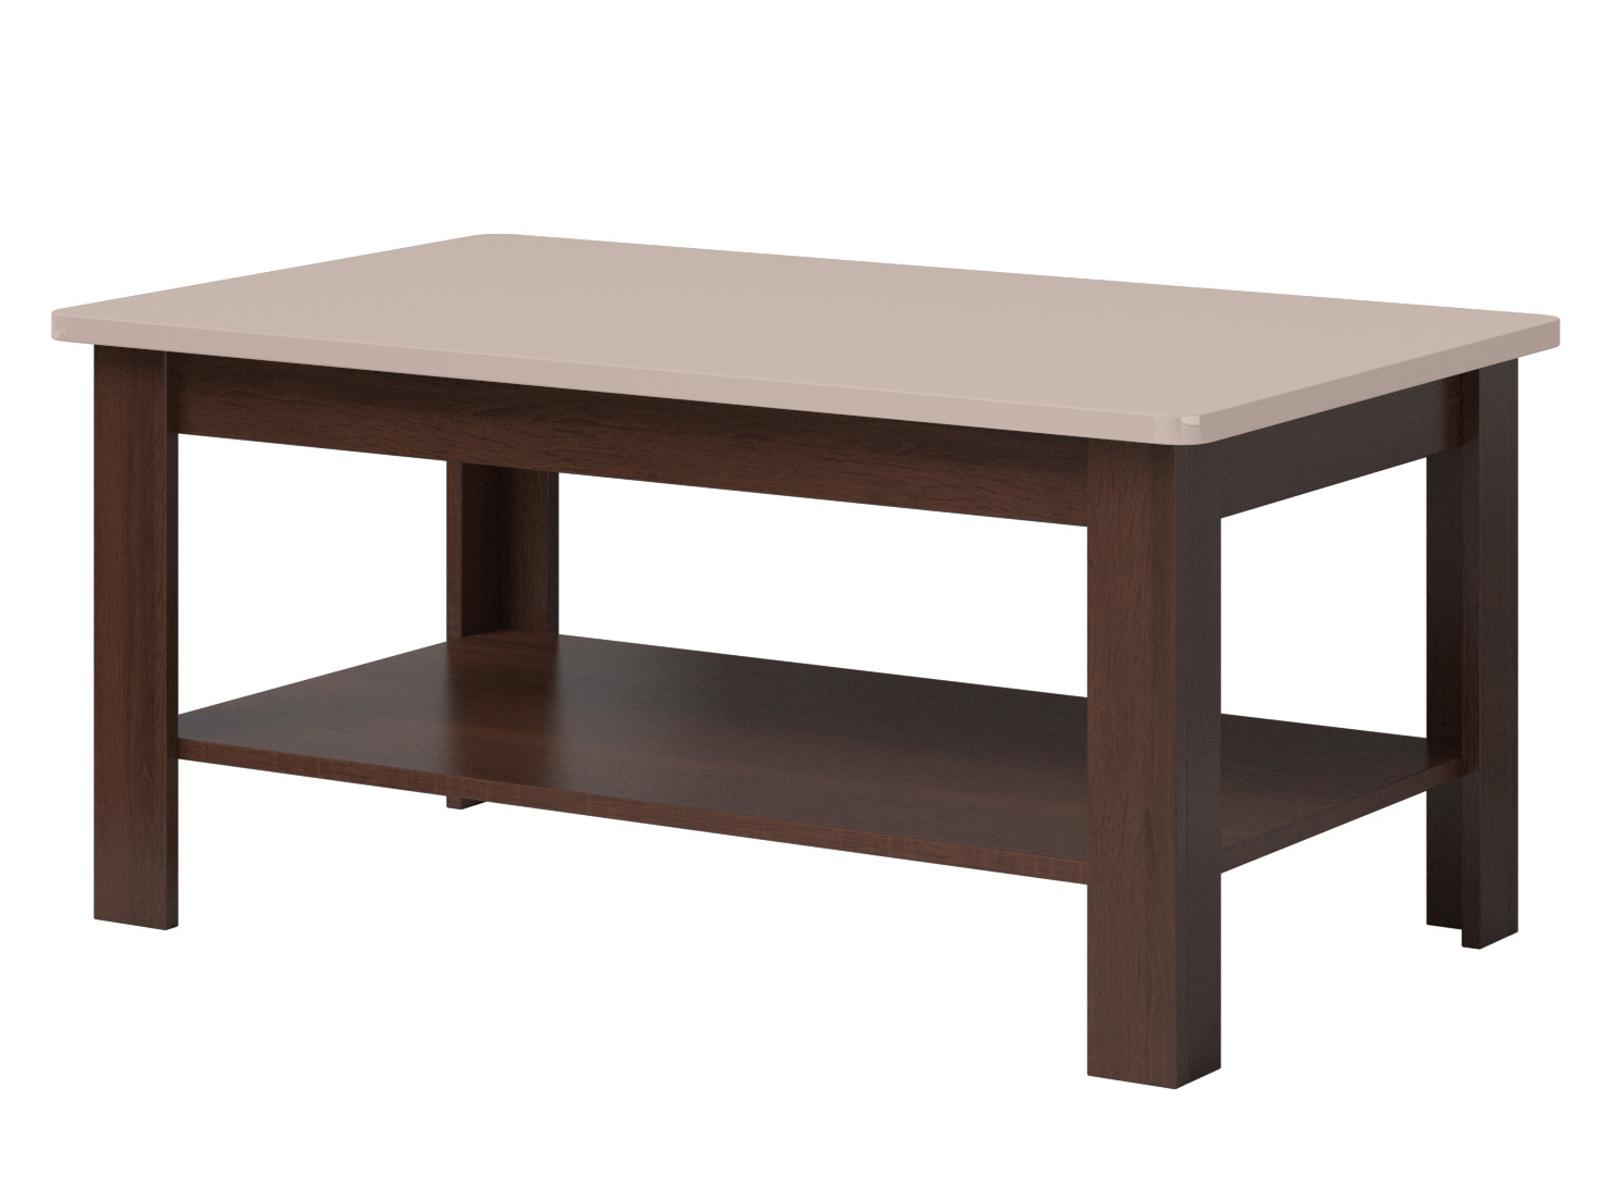 Smartshop SELENE konferenční stolek TYP 99, dub sonoma tmavý/pískově šedý lesk